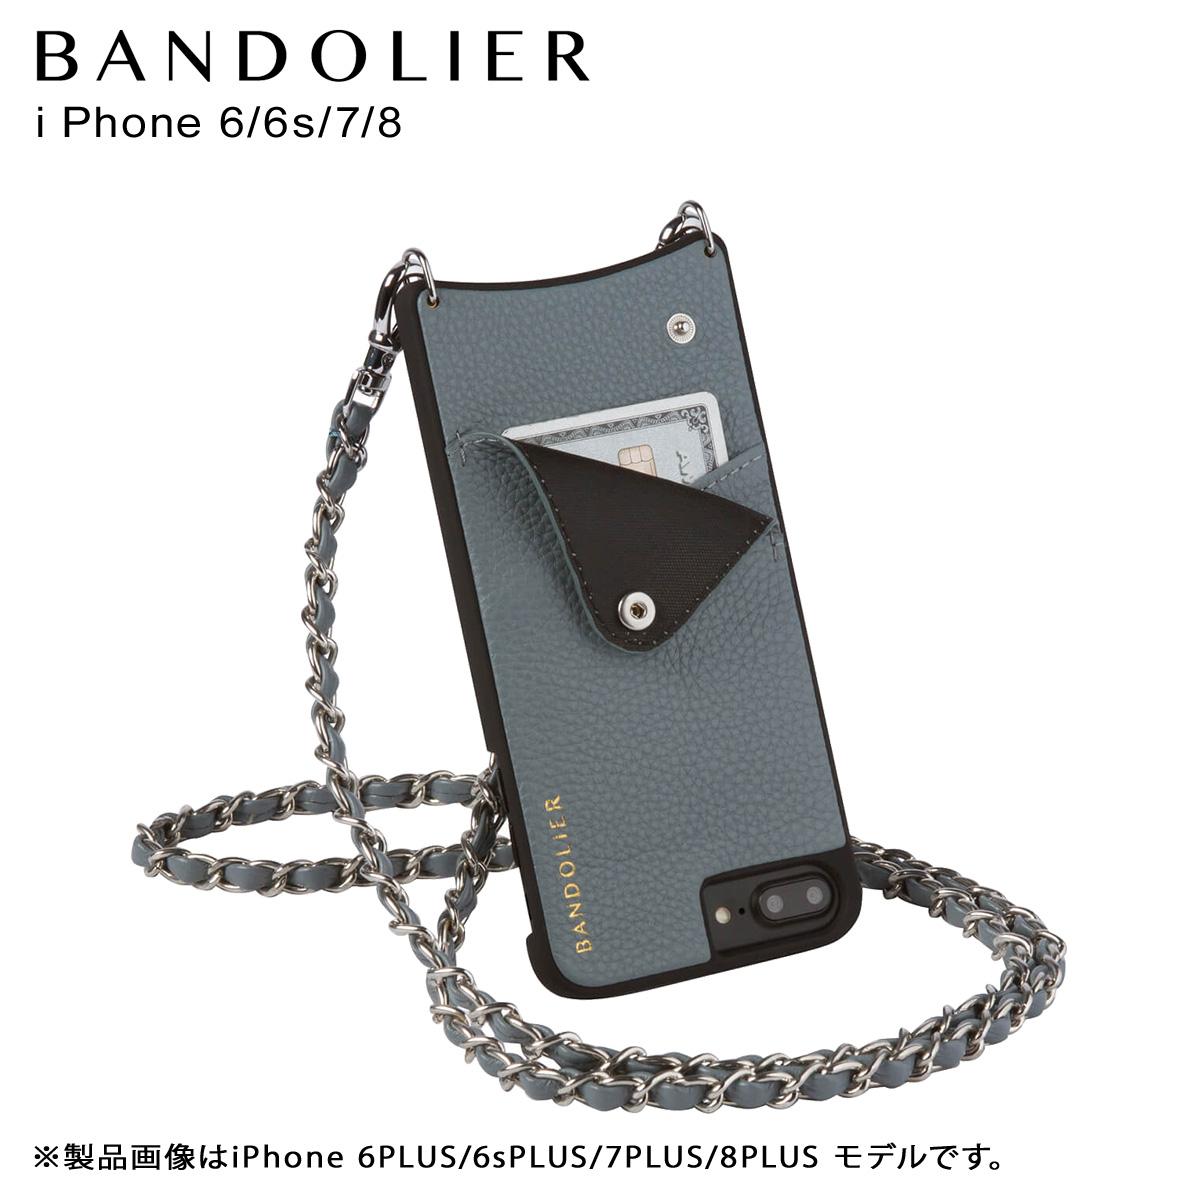 iPhone7 iPhone8 スマホ バンドリヤー メンズ レディース LUCY ケース STORM アイフォン 6s BANDOLIER